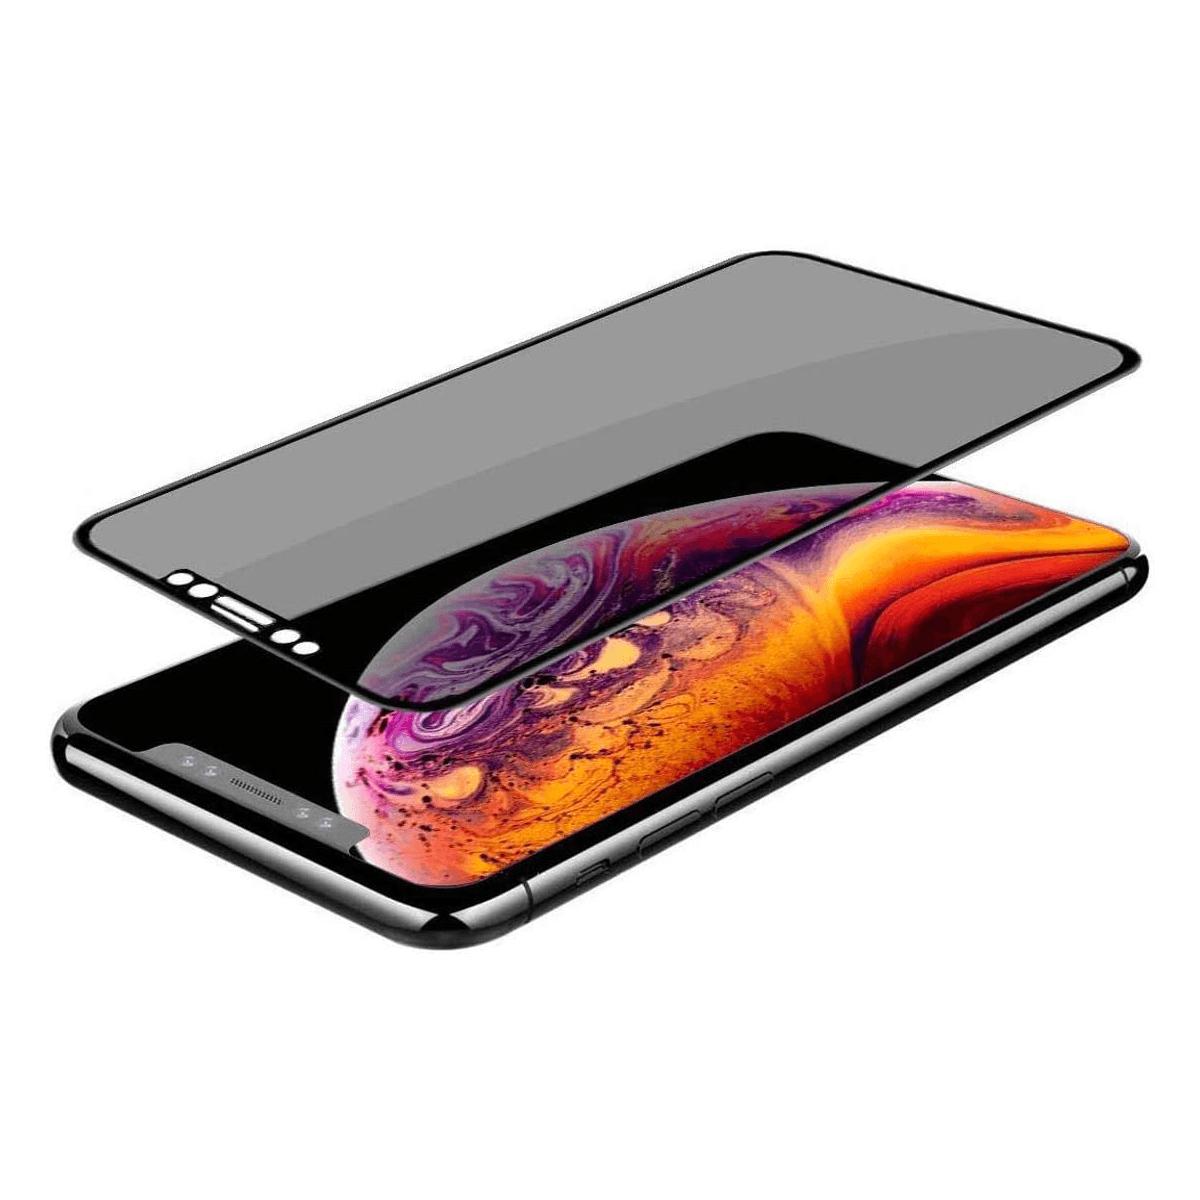 İPhone 12/12 Pro için spada Privacy Tam kaplayan temperli ekran koruma camı